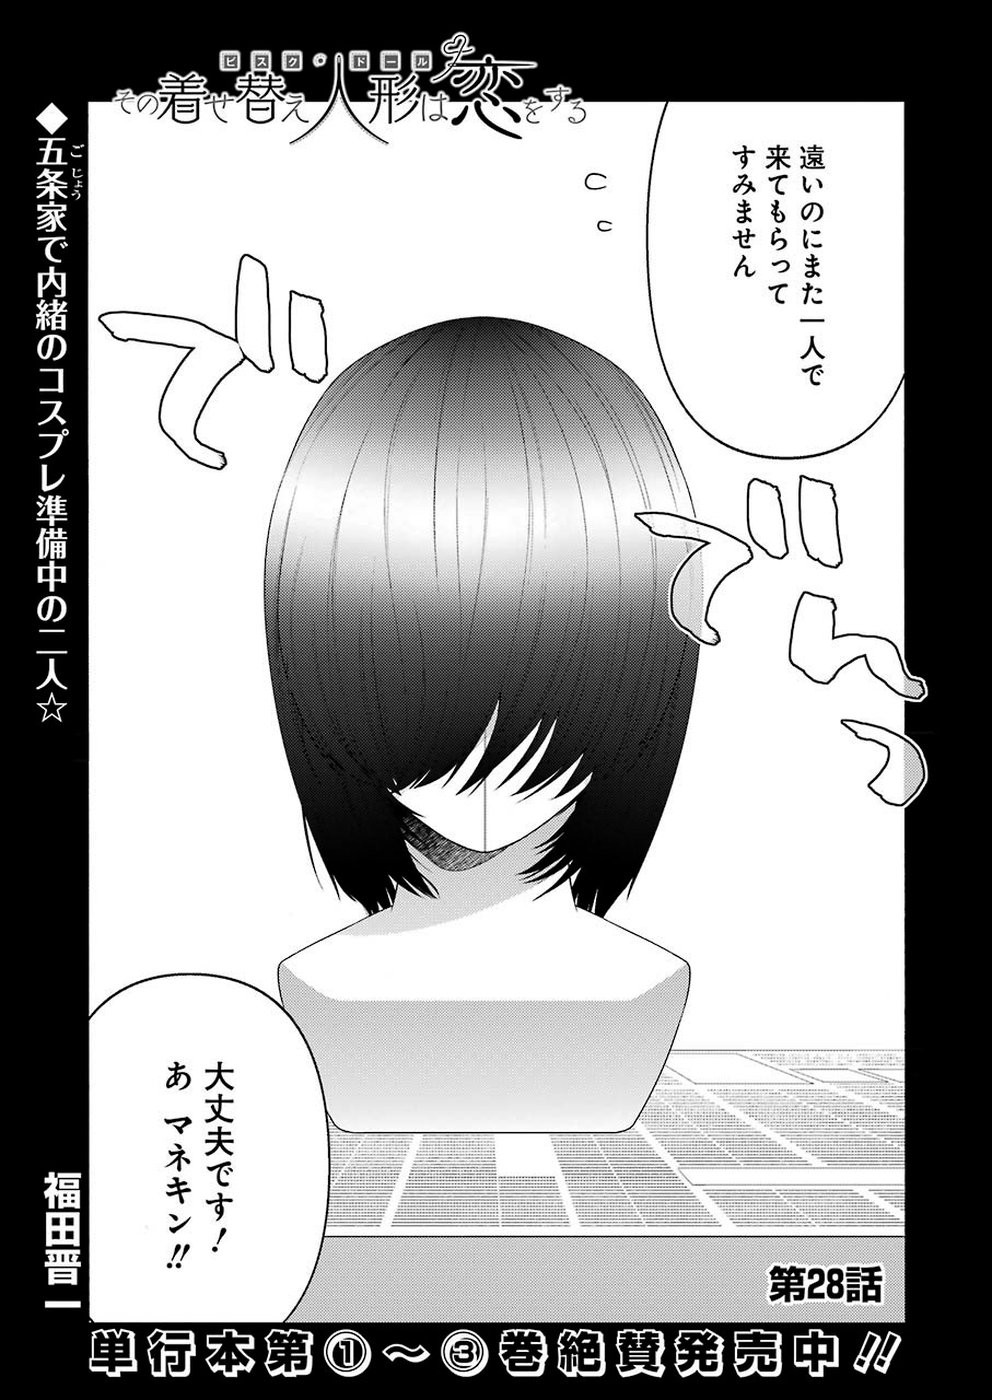 Sono Bisque Doll wa Koi wo Suru - Chapter 28 - Page 1